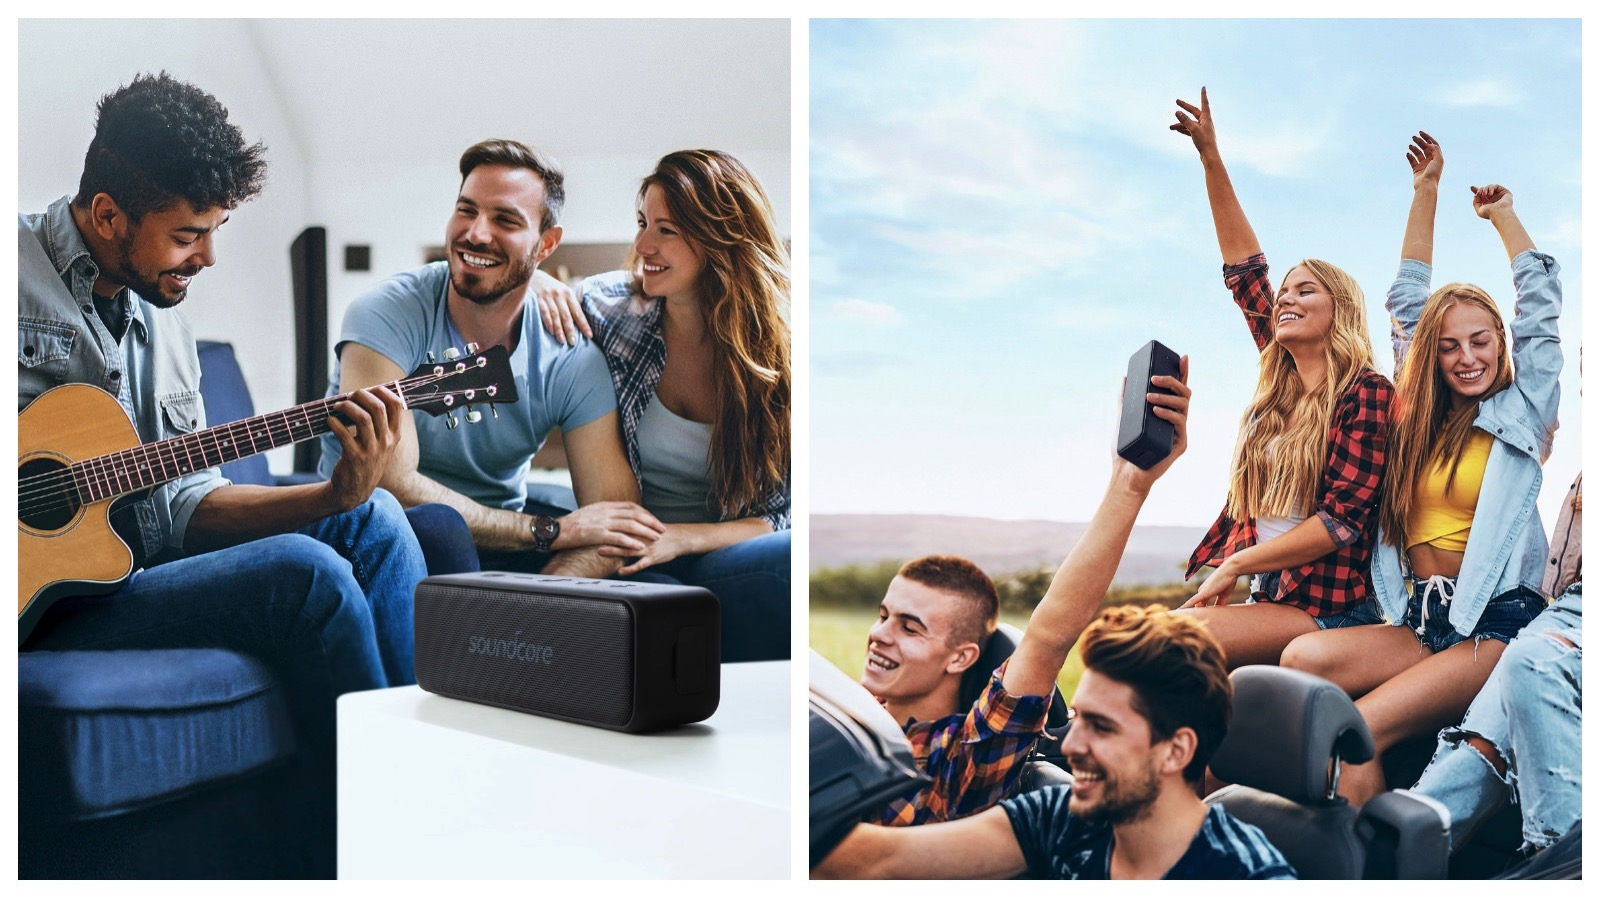 Anker-Soundcore-Motion-B-Wireless-Speaker-2.jpg